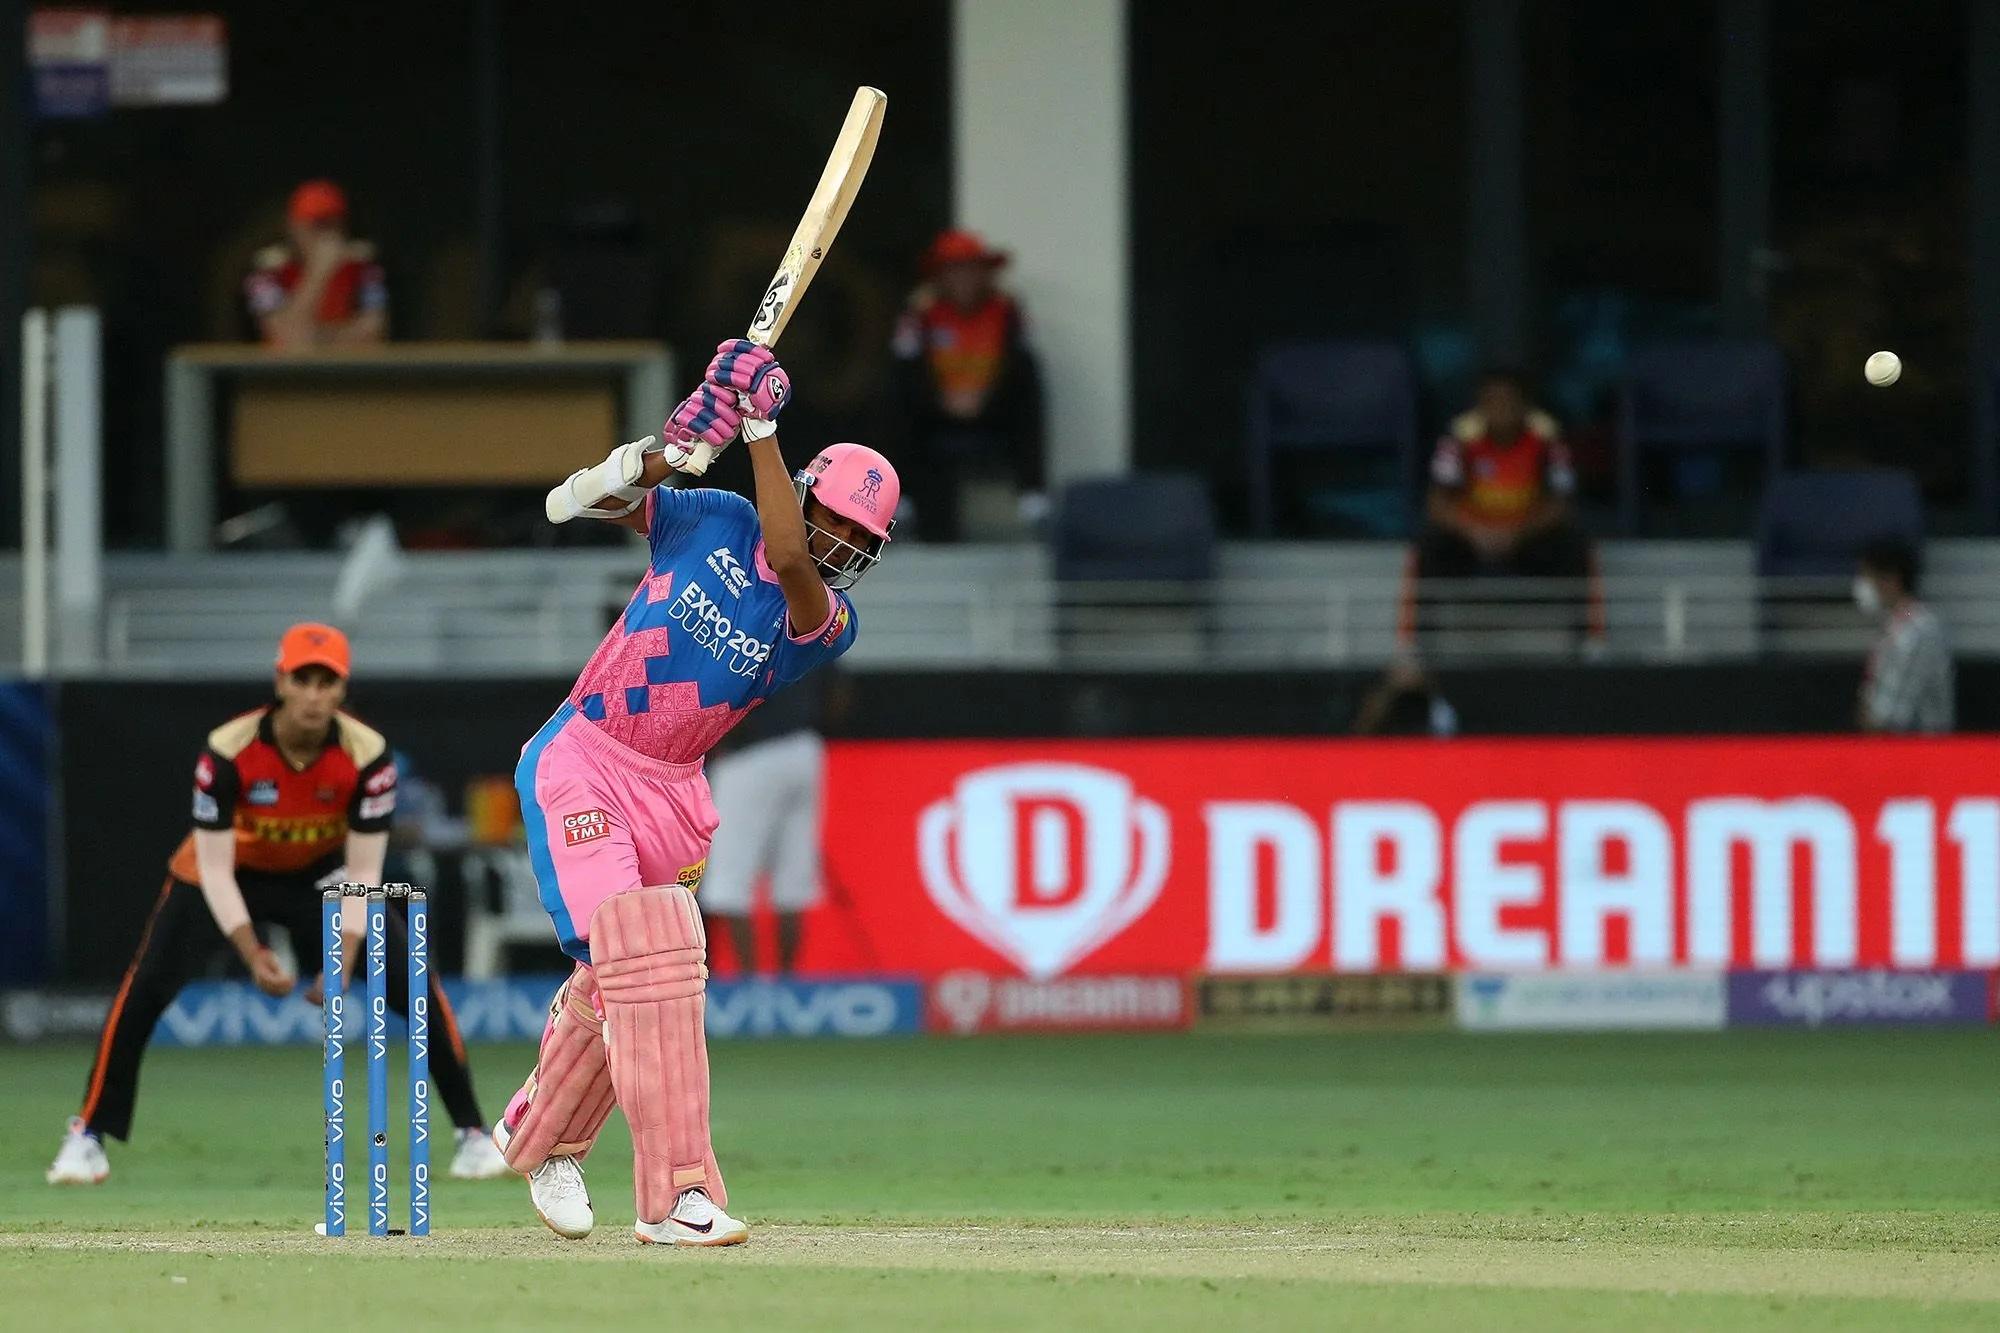 राजस्थान के लिए ओपनिंग करने आए यशस्वी जायसवाल अच्छा खेल रहे थे। इस तस्वीर में उनके शानदार अंदाज को देख सकते हैं। उन्होंने 21 गेंद में 5 चौकों की मदद से 30 रन बनाए थे। 22वीं गेंद में उन्होंने बॉलर संदीप शर्मा को एक करारा छक्का मारा, लेकिन 23वीं गेंद में क्लीन बोल्ड हो गए। छक्का मारने के बाद अगली गेंद पर जब वे आउट हुए तो उनका मुंह बन गया और संदीप शर्मा उन्हें तिरछी नजर से देखते हुए मुस्कुराते रहे।